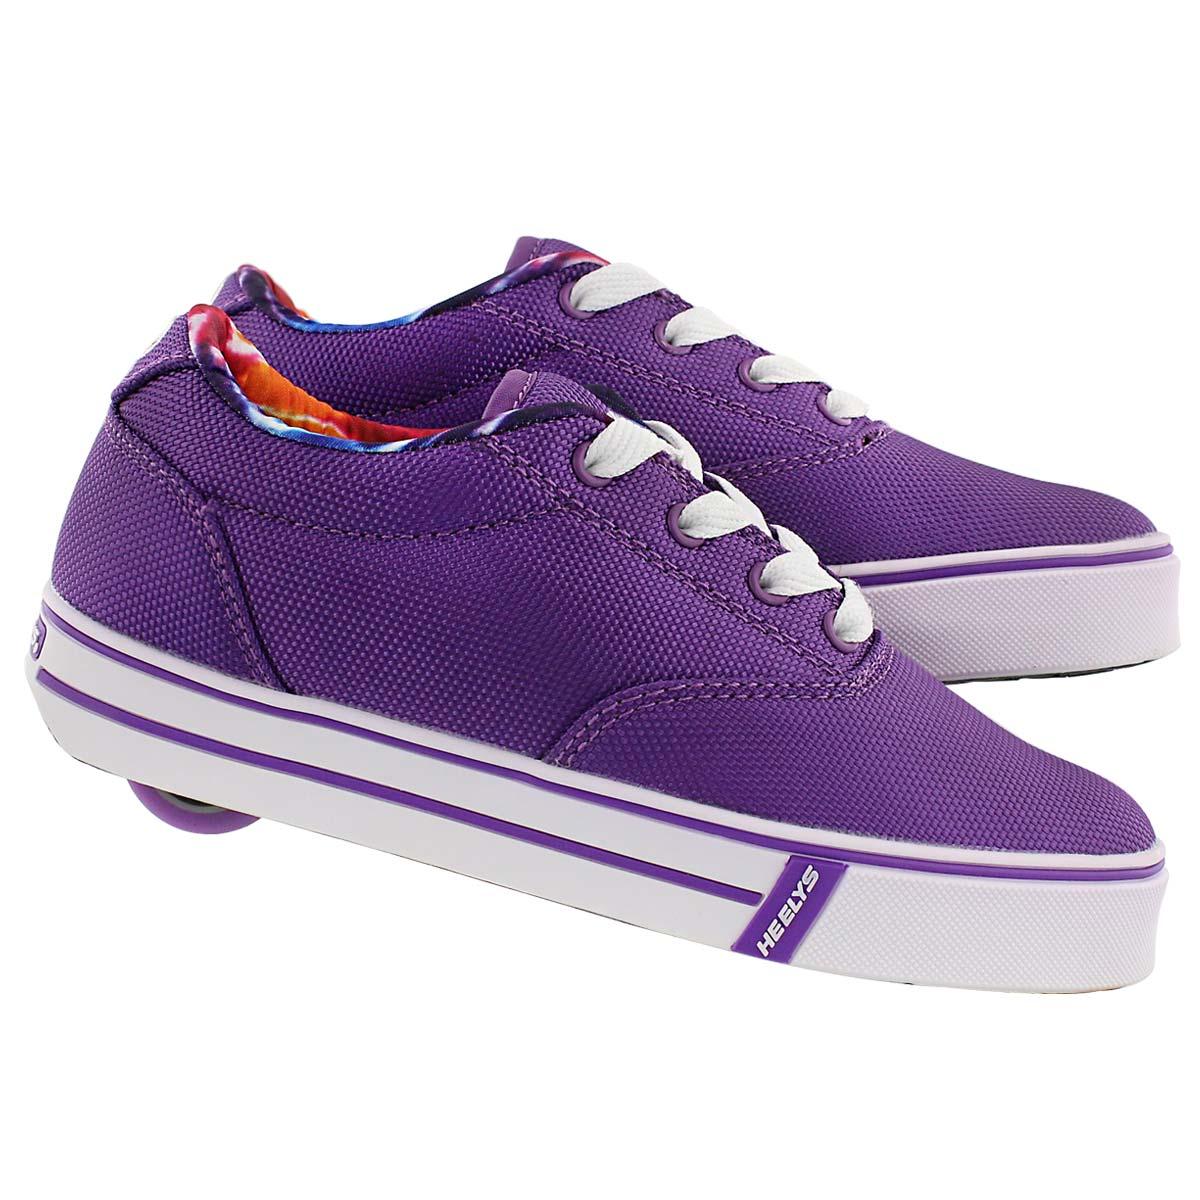 Grls Launch purple skate sneaker